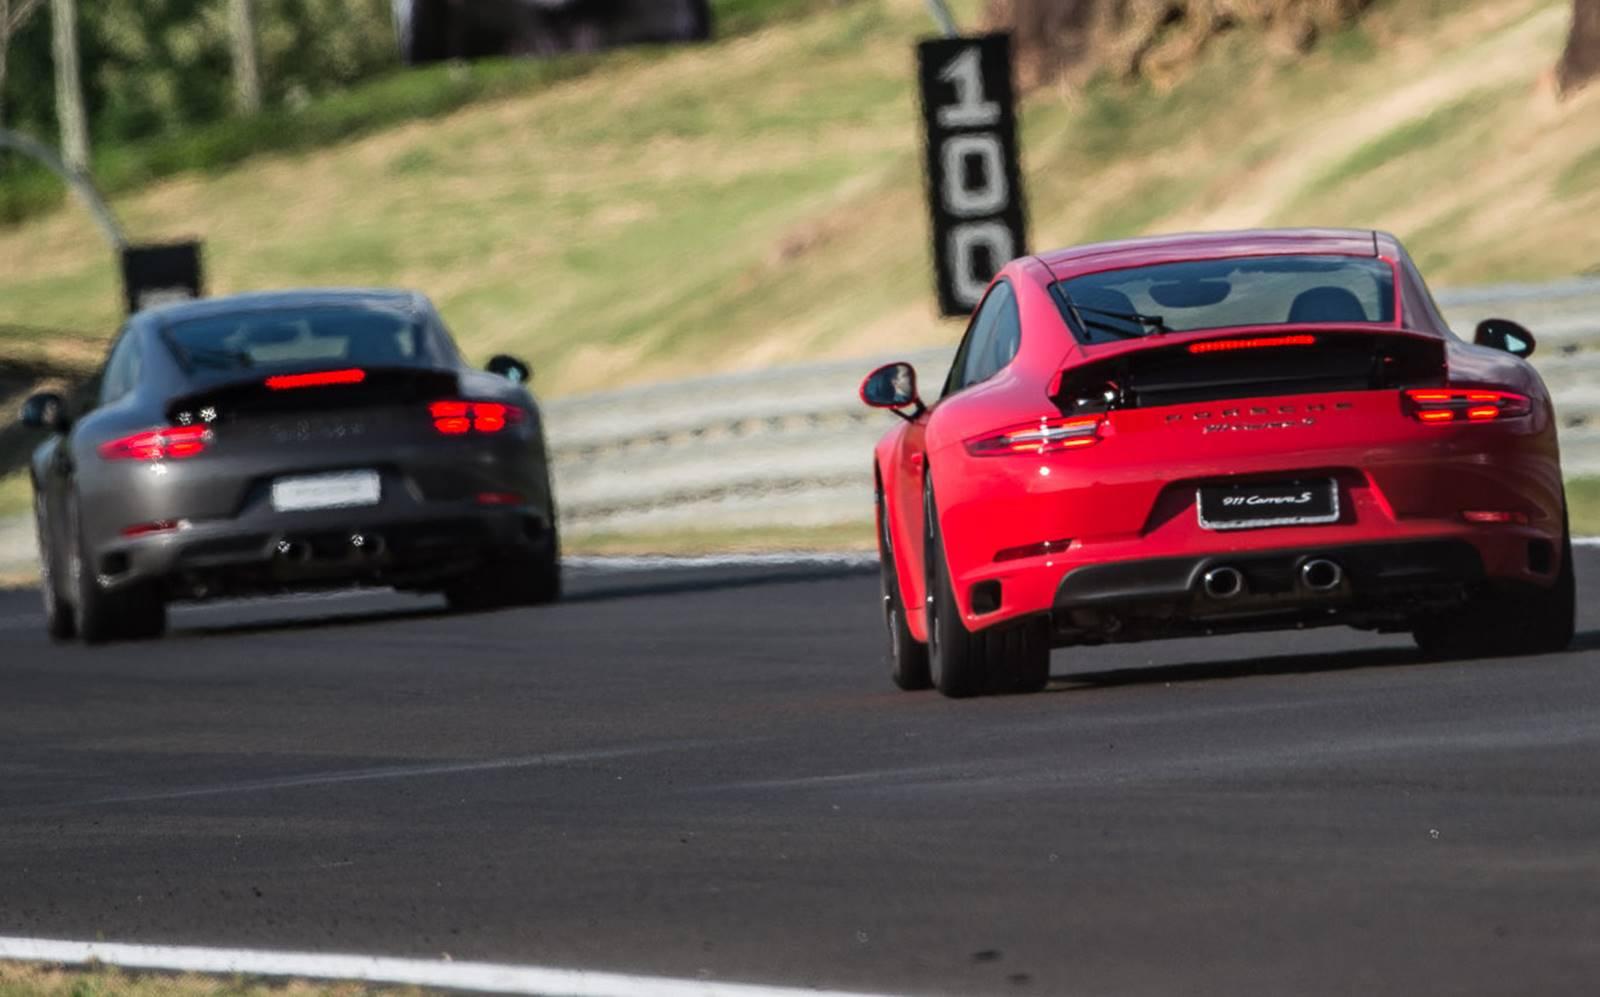 Porsche 911 trucida MB AMG GT e Jaguar F-Type  Interlagos   CAR.BLOG.BR 070765500f